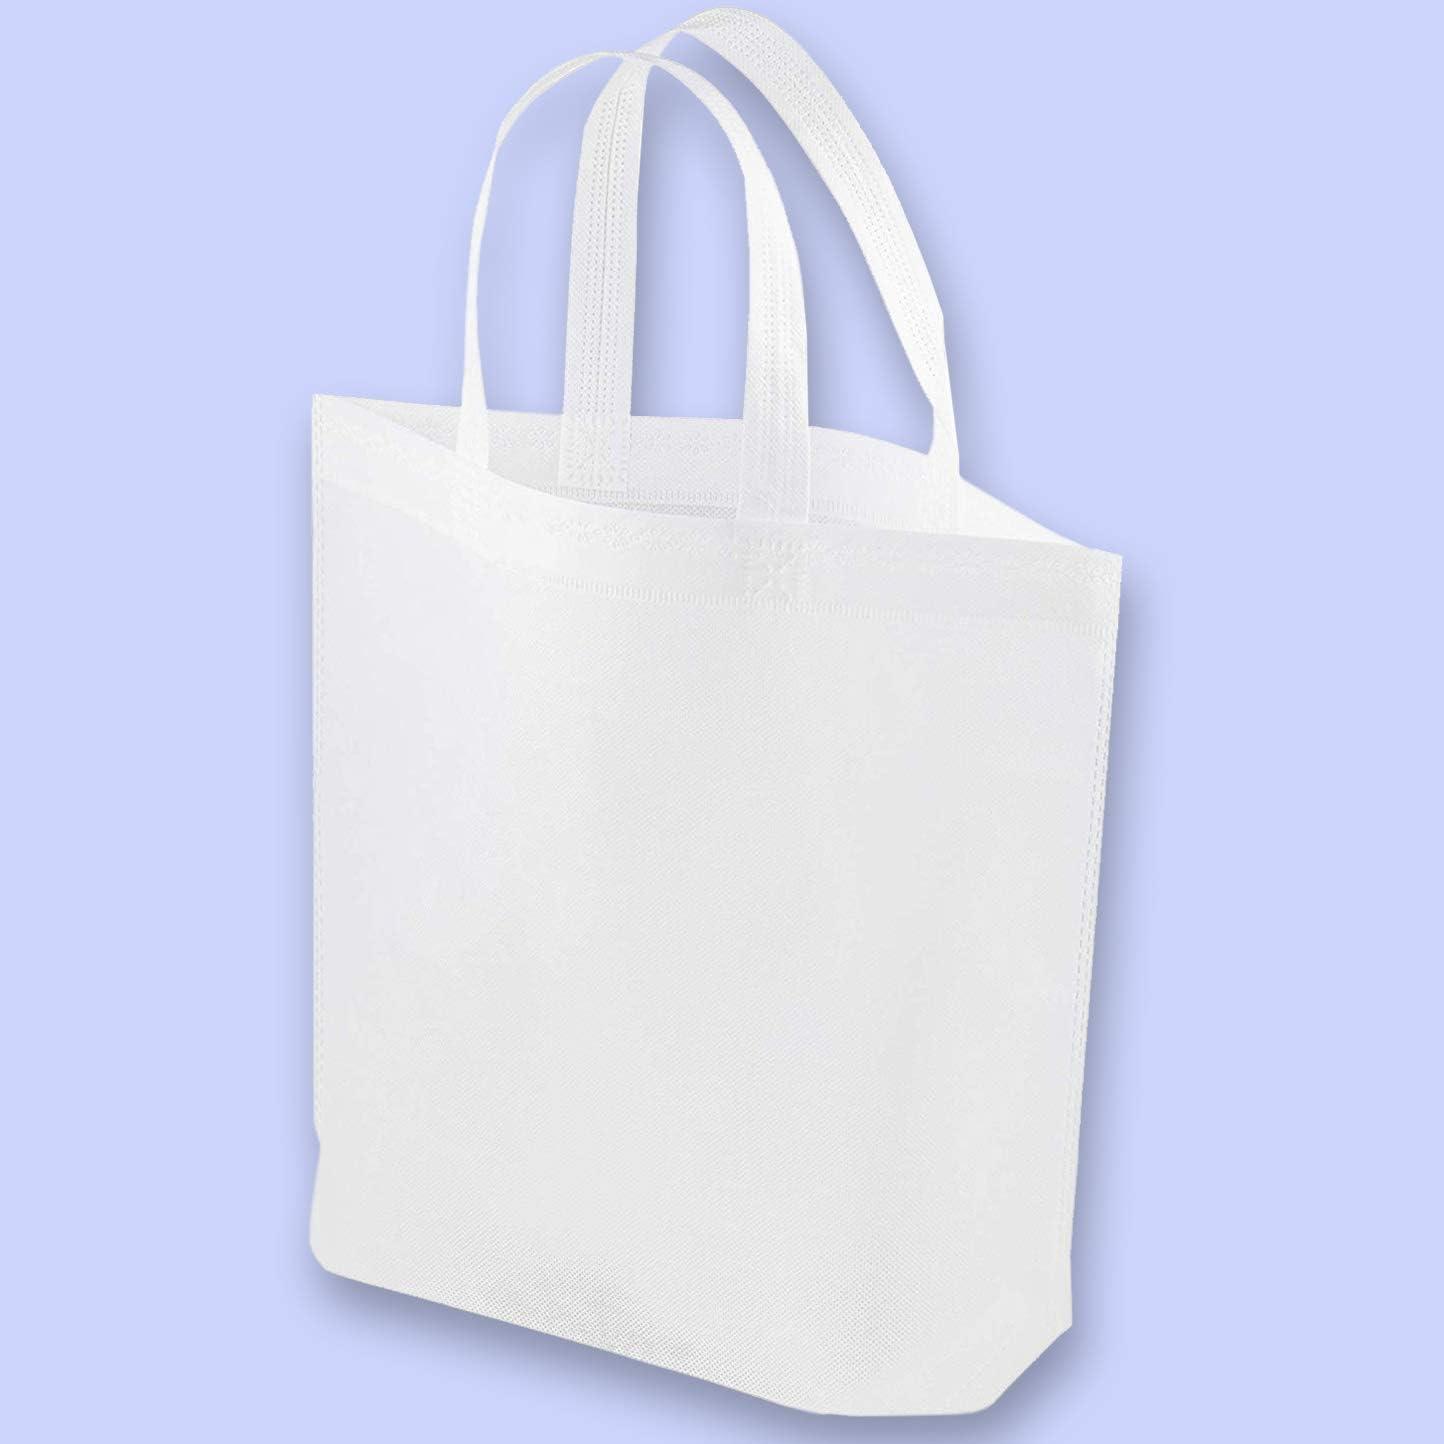 Bolsas blancas para bolso – 20 unidades no tejidas al por mayor, bolso de regalo promocional para conveniencias, bolsas de regalo, bolsas de regalo, bolsas de regalo para fiesta, 14,8 x 12,5